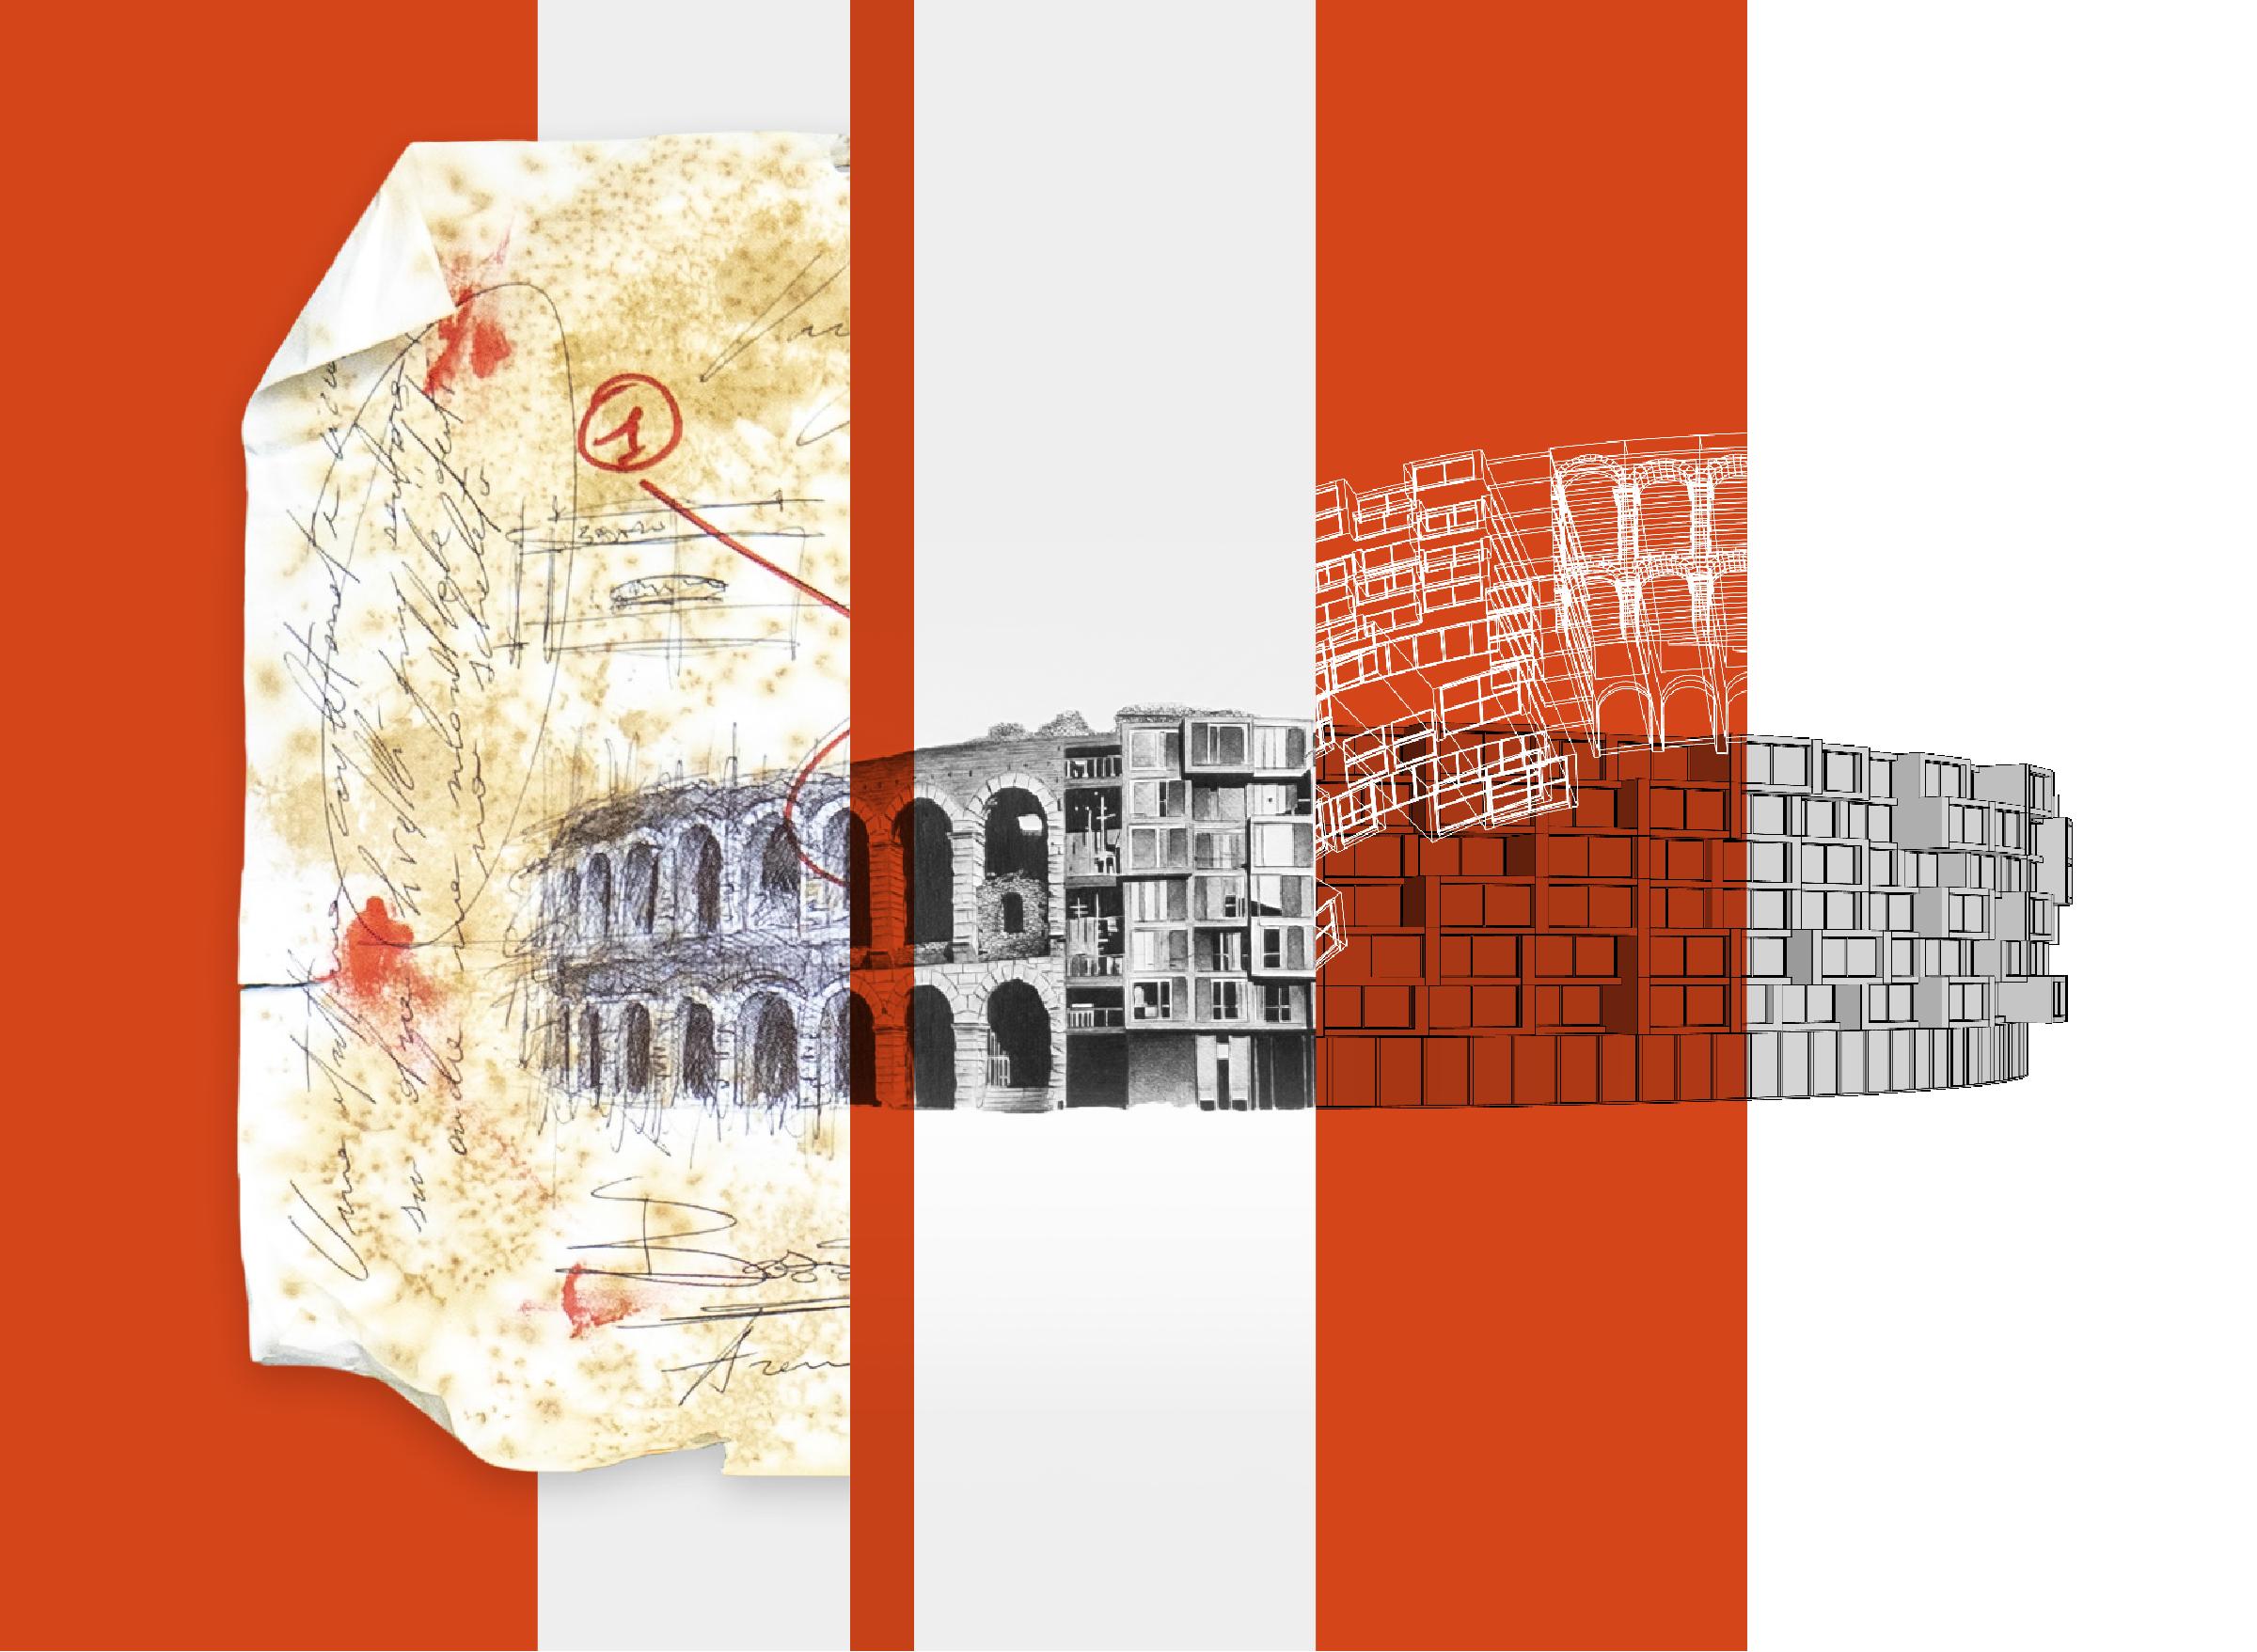 A Milano sono in mostra le architetture iperrealiste di Matteo Galvano fatte con la penna biro